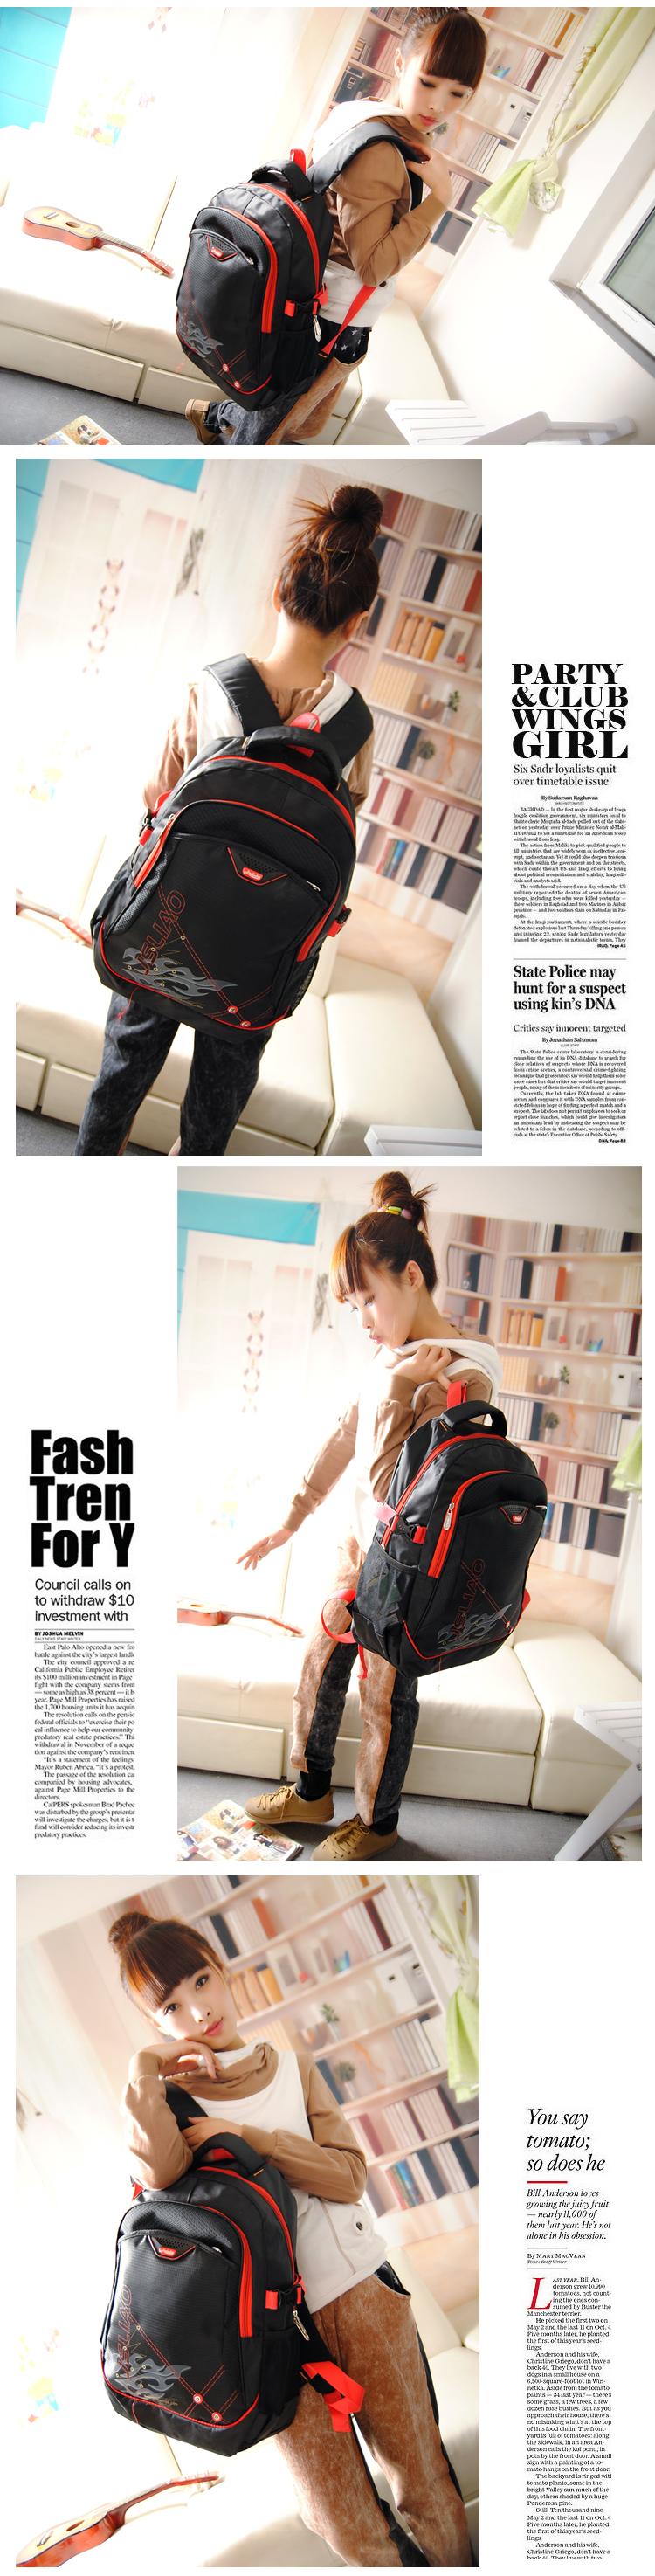 высокое качество мужчин нейлон рюкзак черный сумка сумки мода большое путешествие ноутбук сумки корейских стильные спортивные сумки